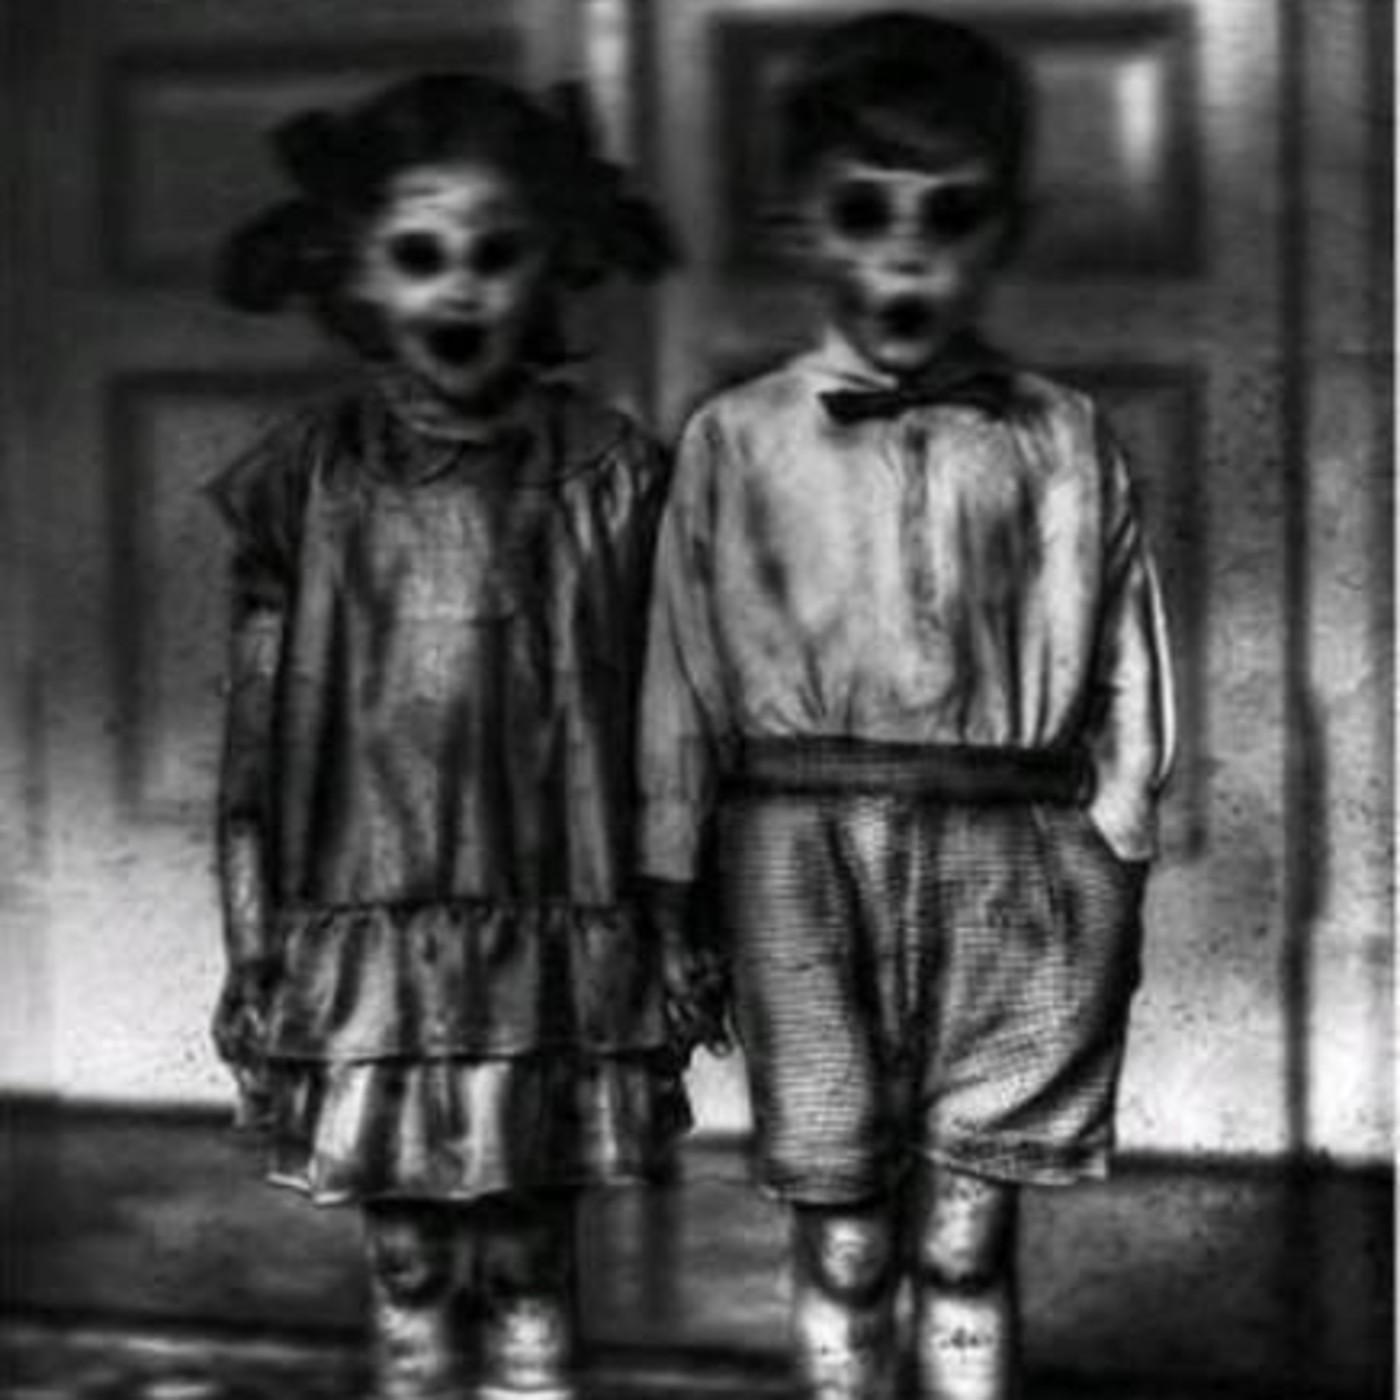 Psicofonia aterradora de dos niños fantasma cantando a todo pulmon en  SOPORTE TECNICO en mp3(29/08 a las 22:45:41) 00:52 28200890 - iVoox